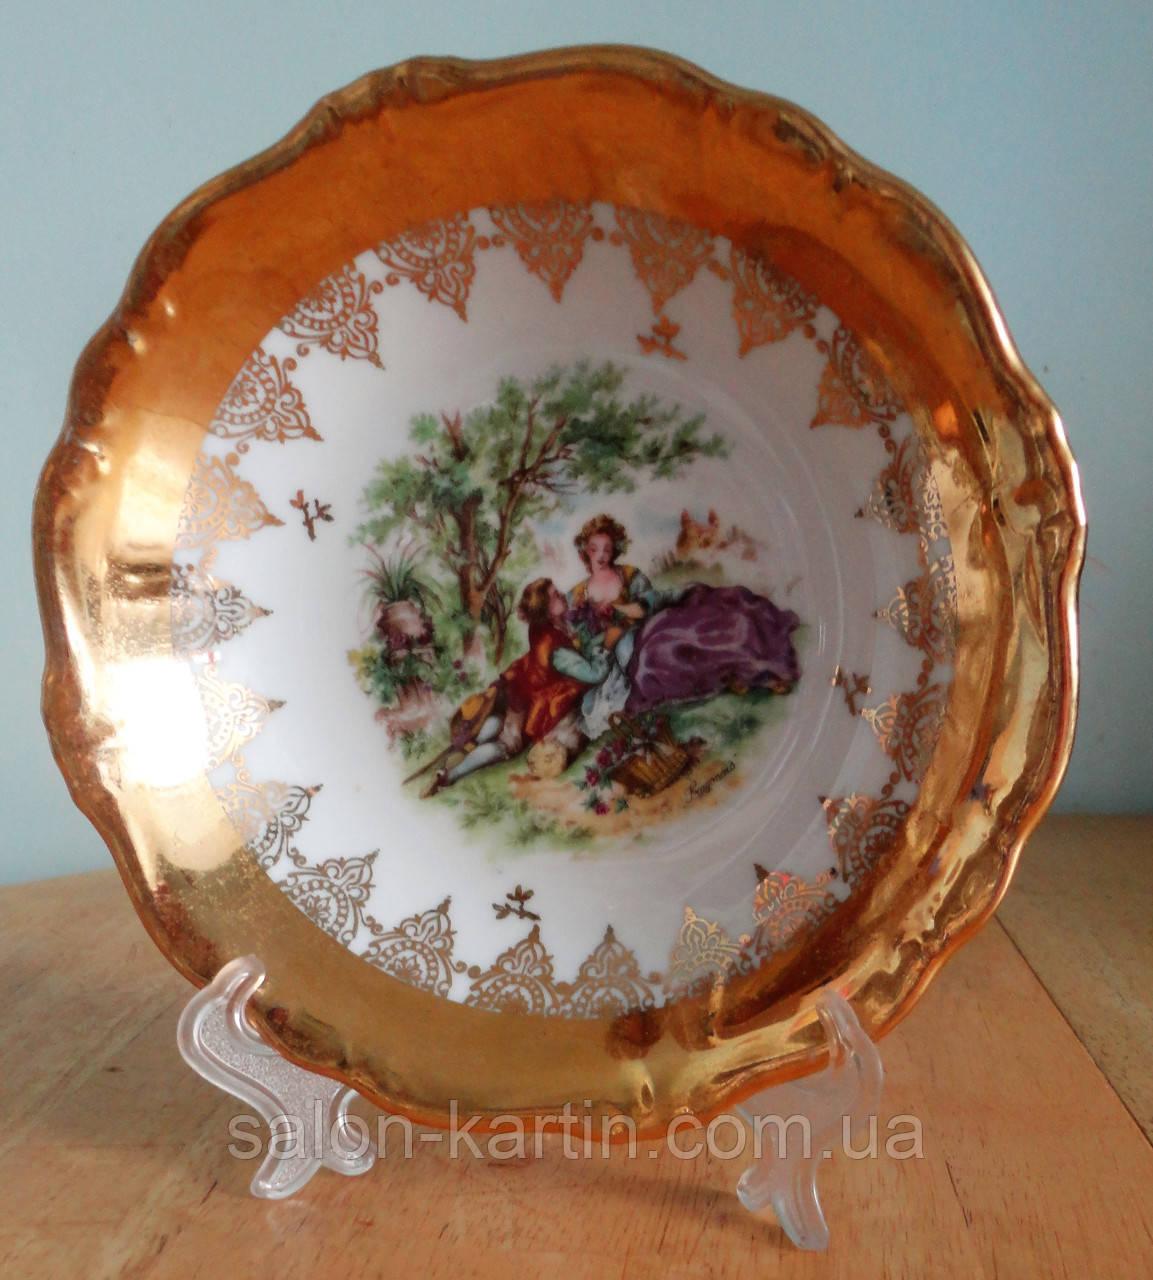 Элитная фарфоровая тарелка с позолотой, Германия